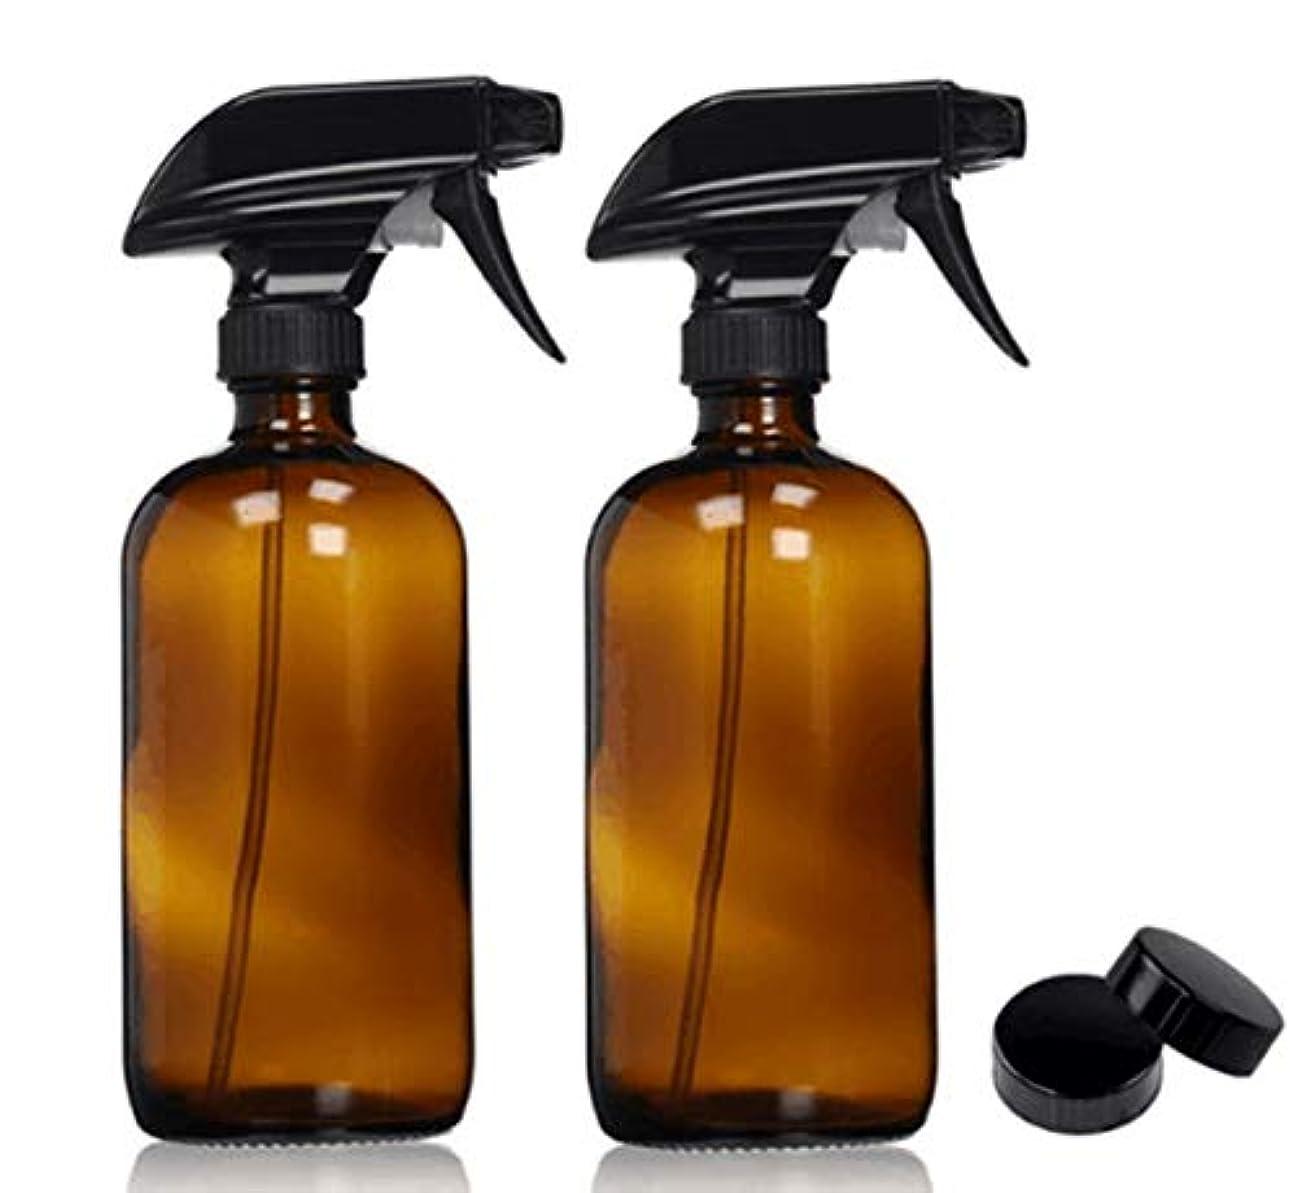 正気逆説オペレーターTASORE スプレーボトル 遮光スプレー 霧吹き 3個セット 500ml/250ml ボトルキャップ付き 細かいミスト 詰め替え容器 耐久性 家庭用 保湿スプレー 植物水やり